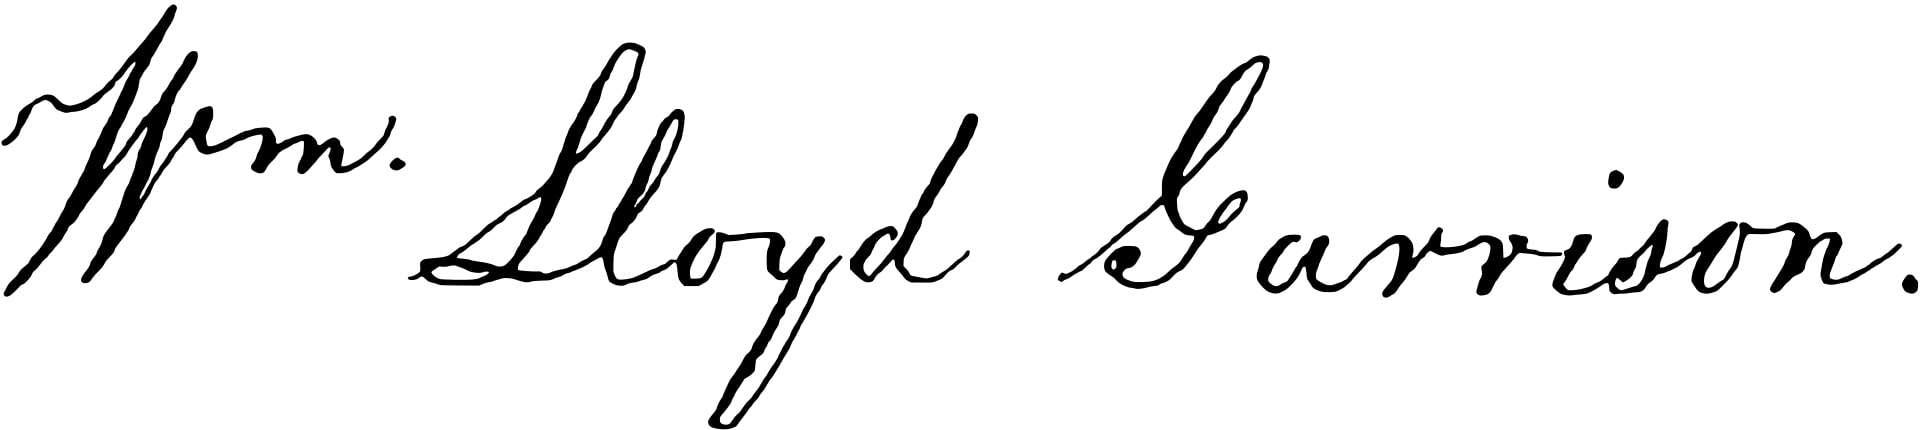 William Lloyd Garrison Signature